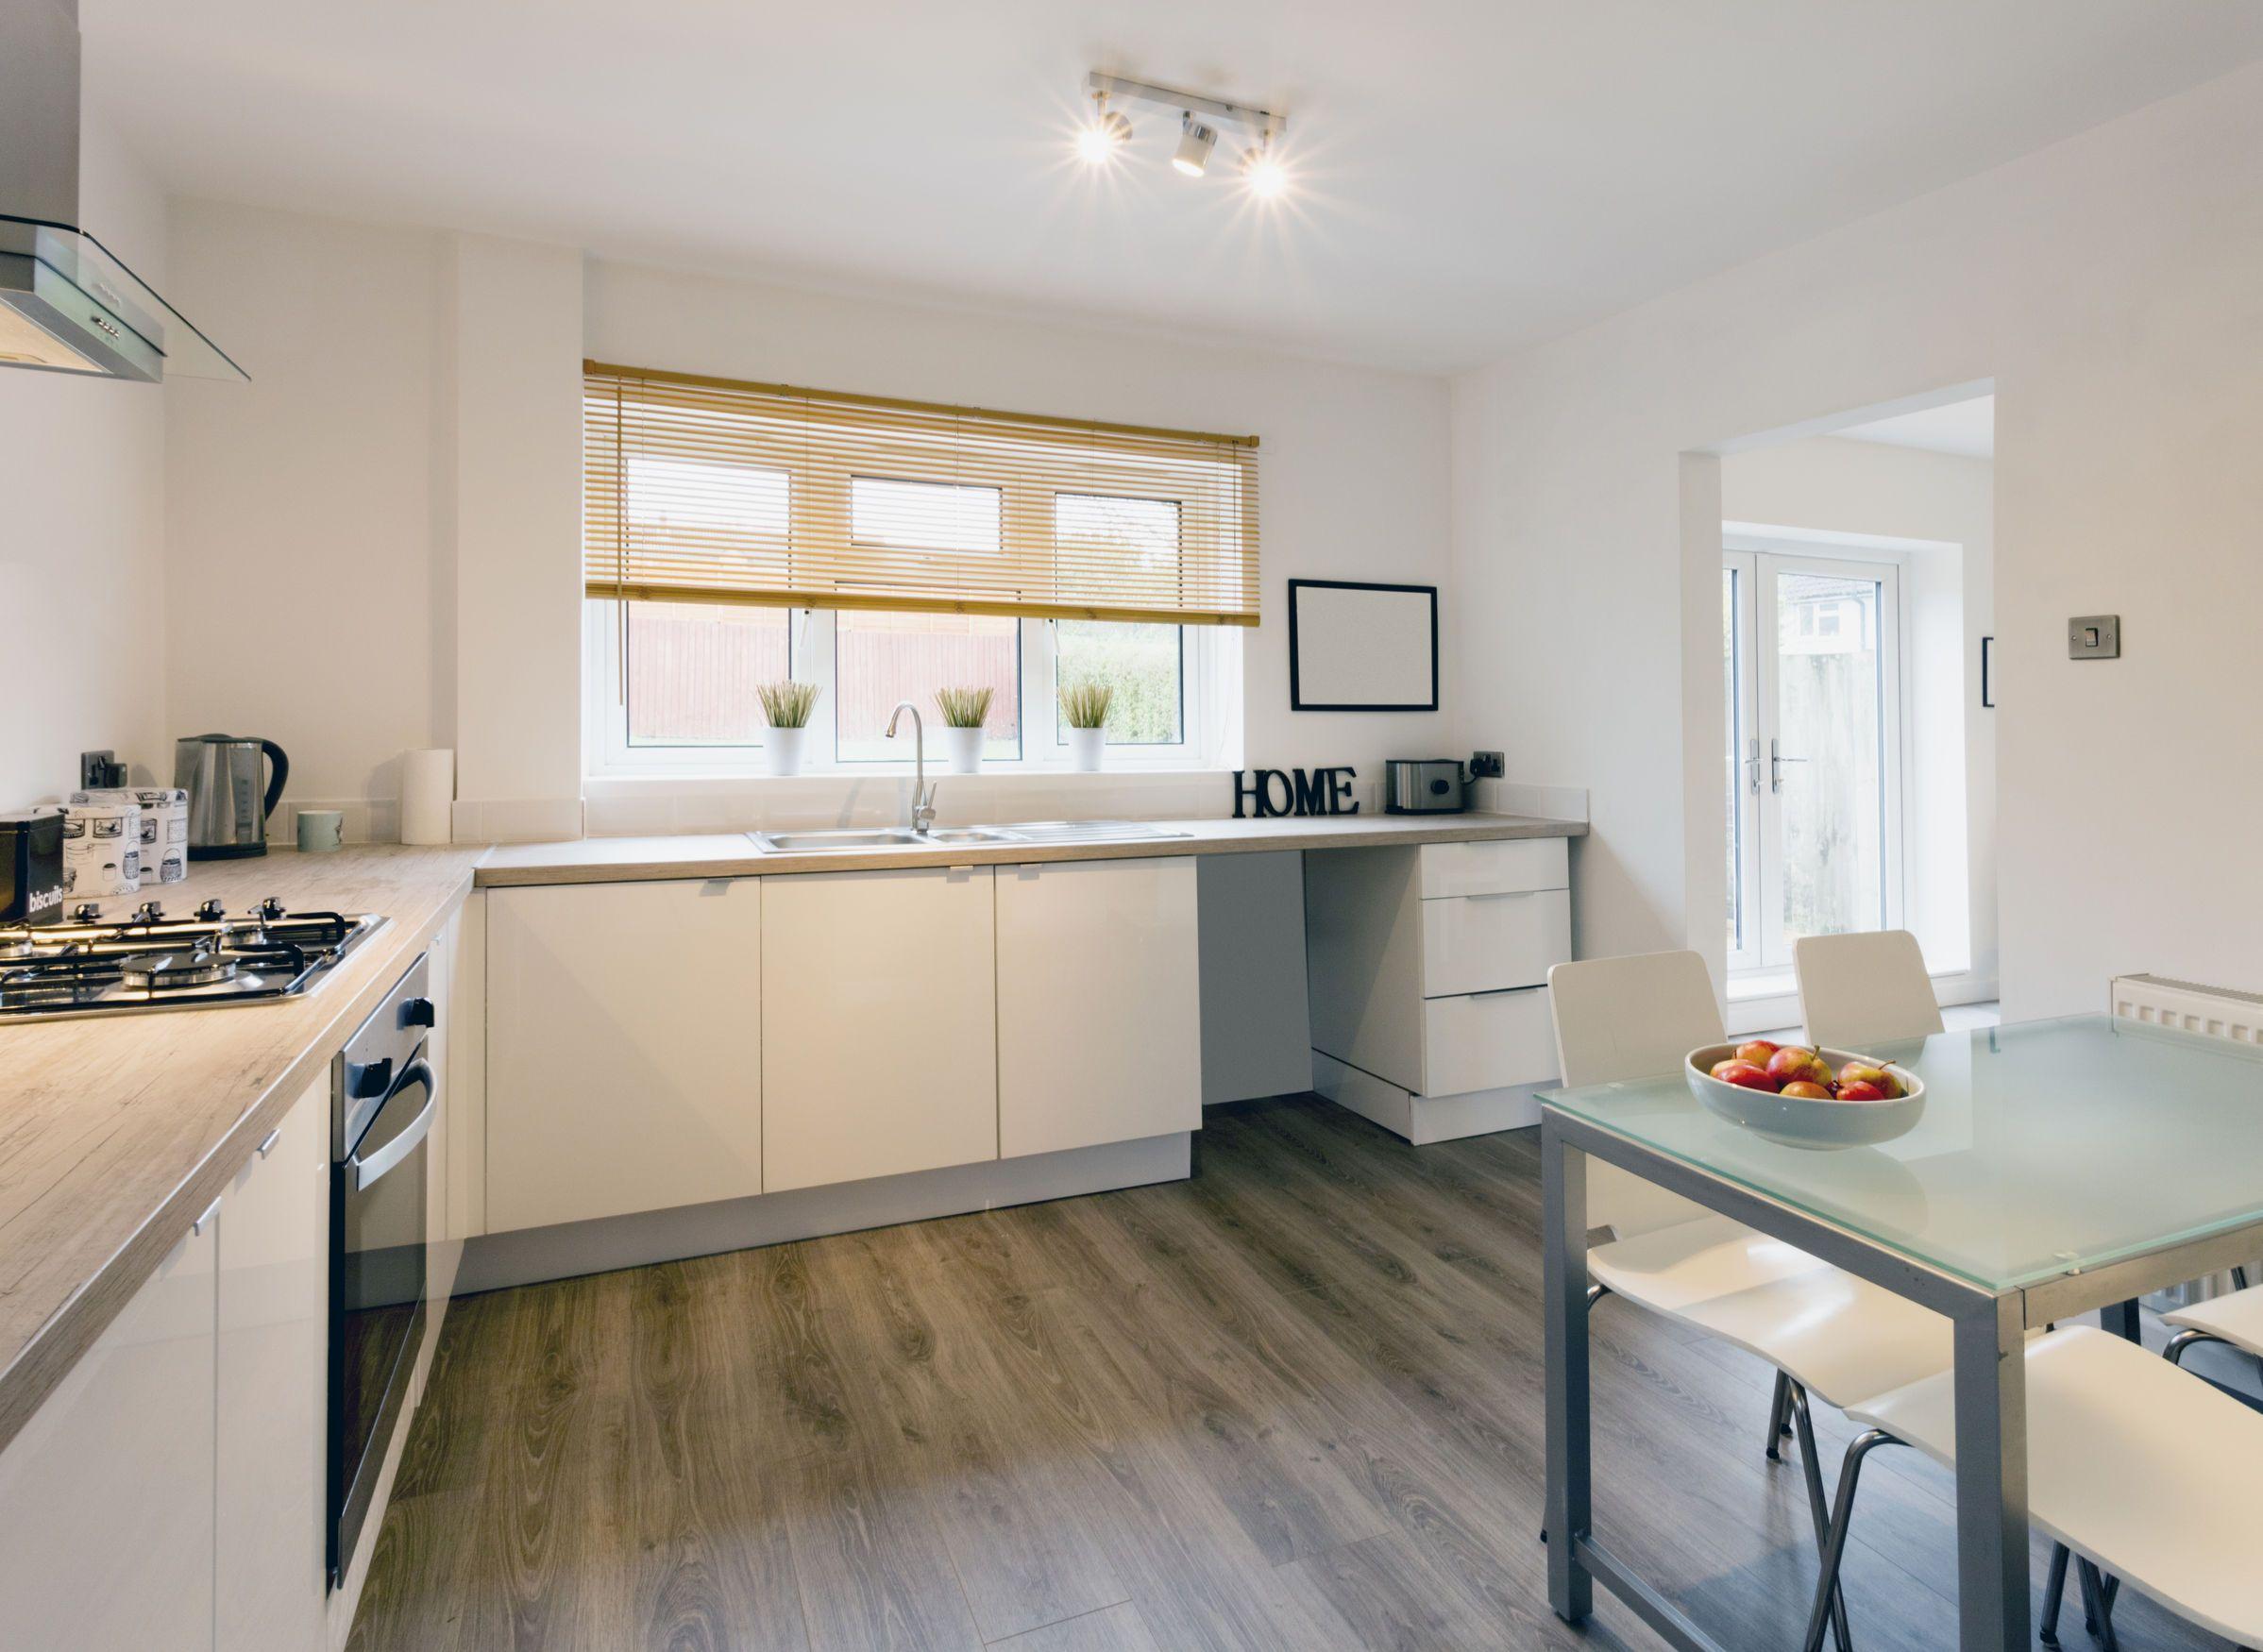 flooring kitchen vinyl perfect laminate wooden | Home Design ...